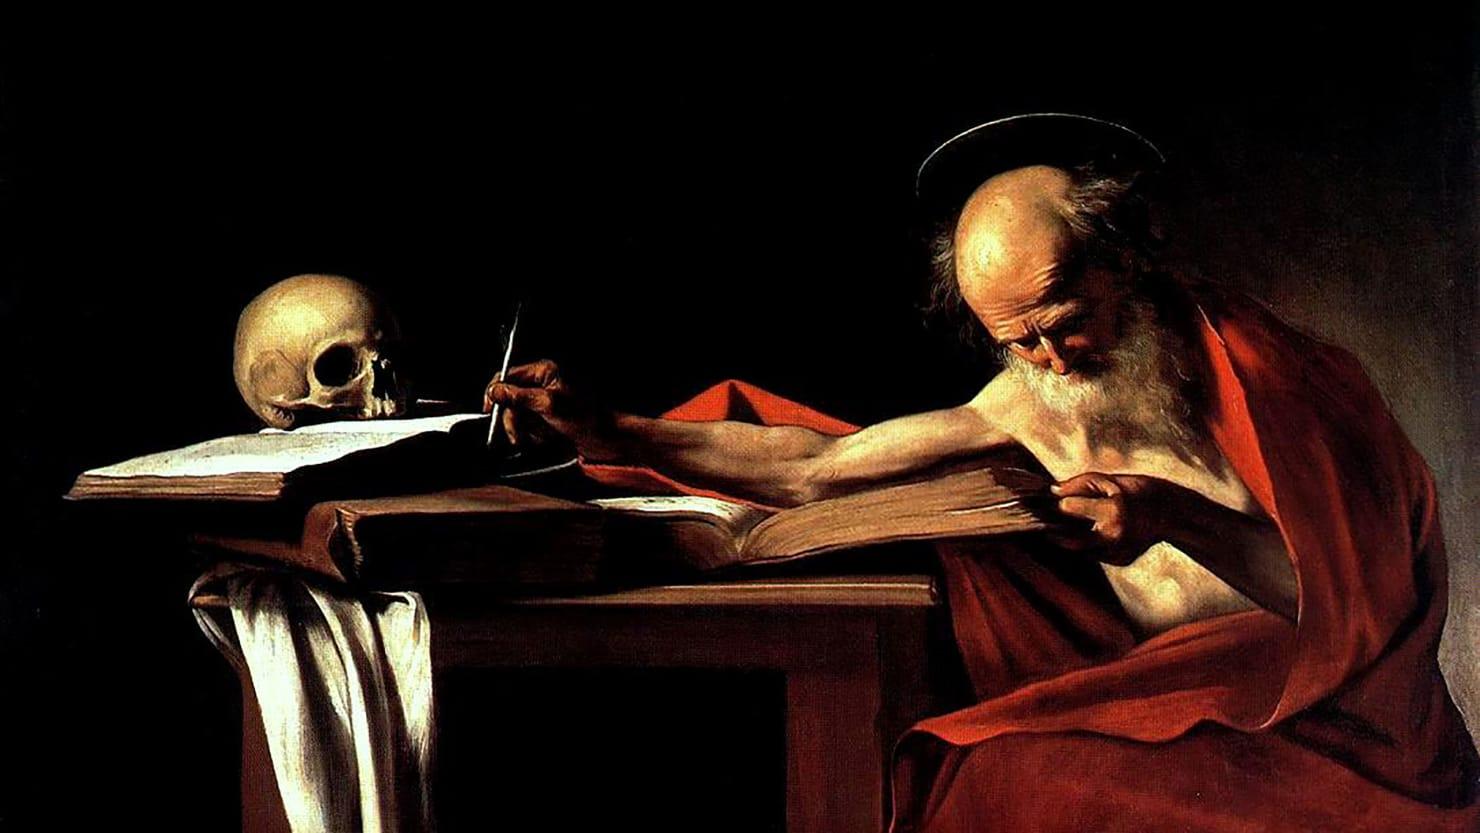 170903-moss-interpreting-bible-hero_ve2rqr